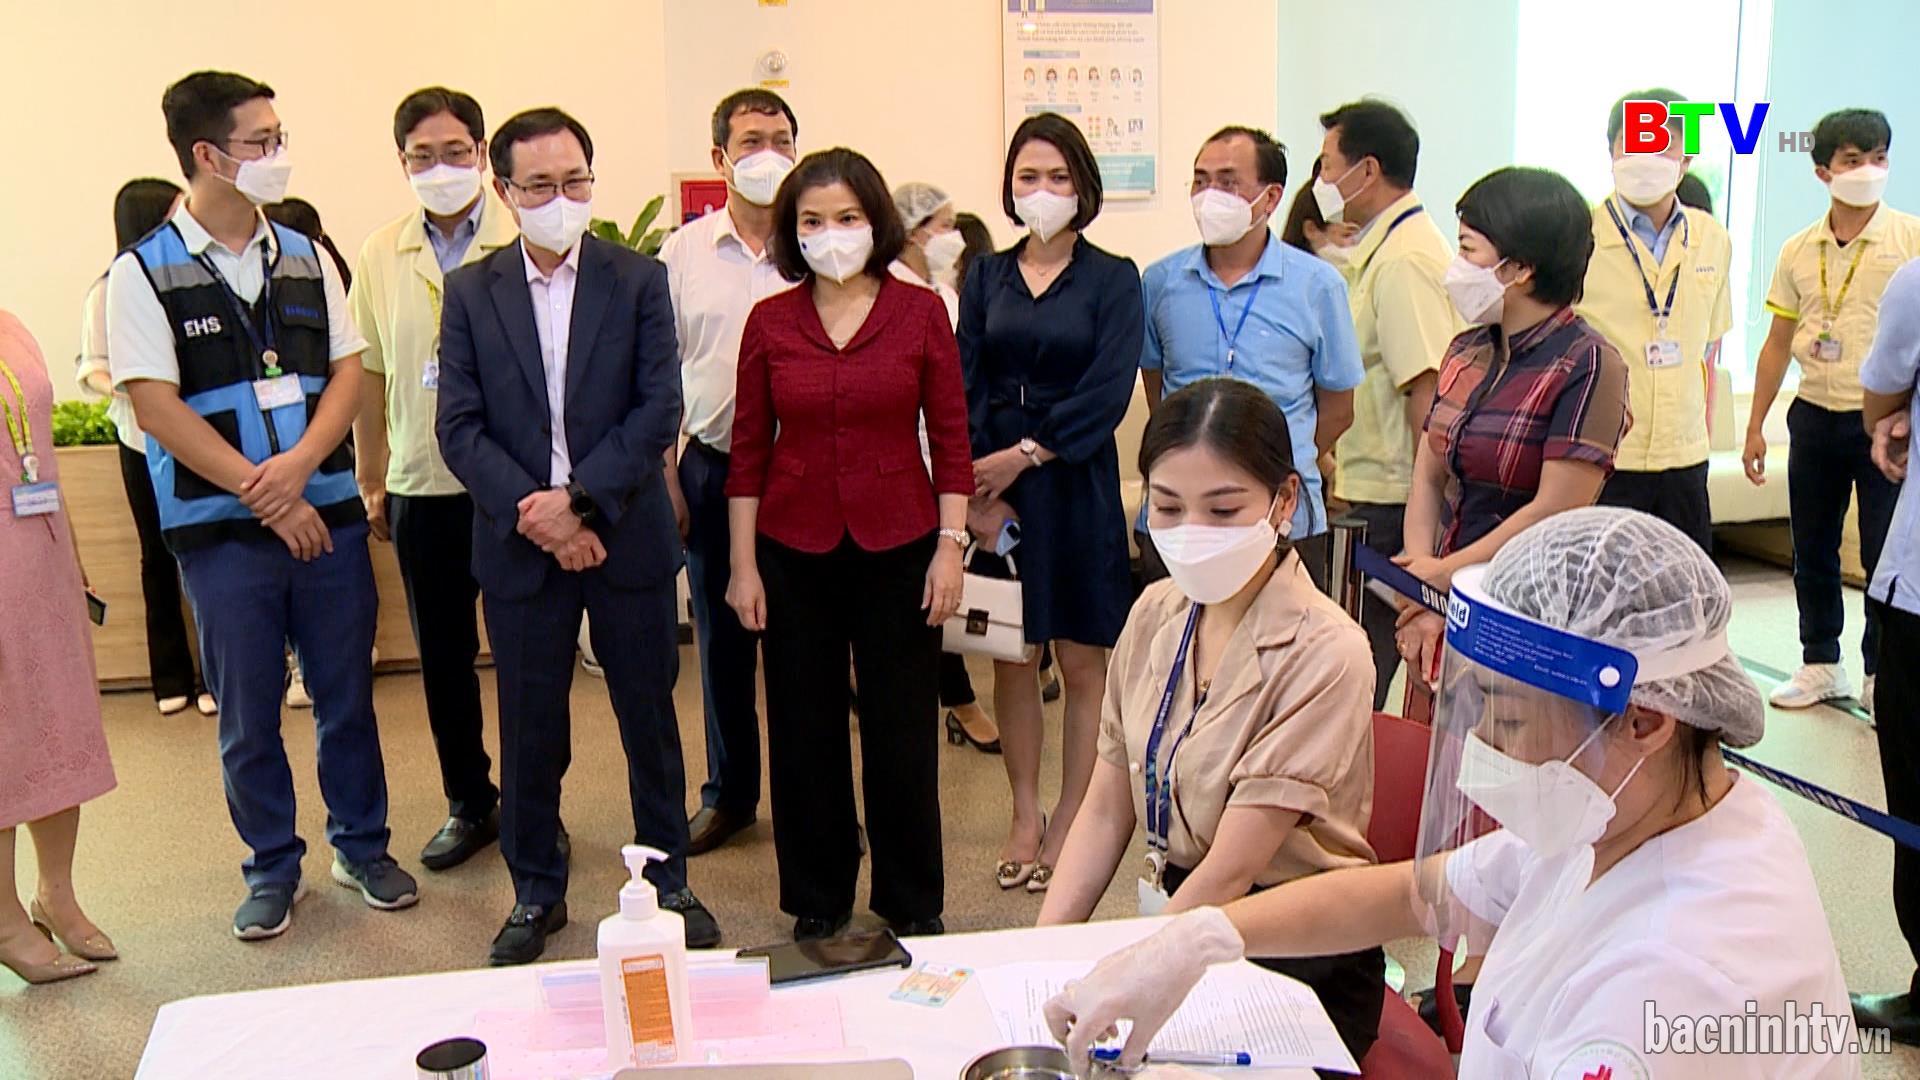 Chủ tịch UBND tỉnh kiểm tra điểm tiêm vắc xin tại Công ty Samsung